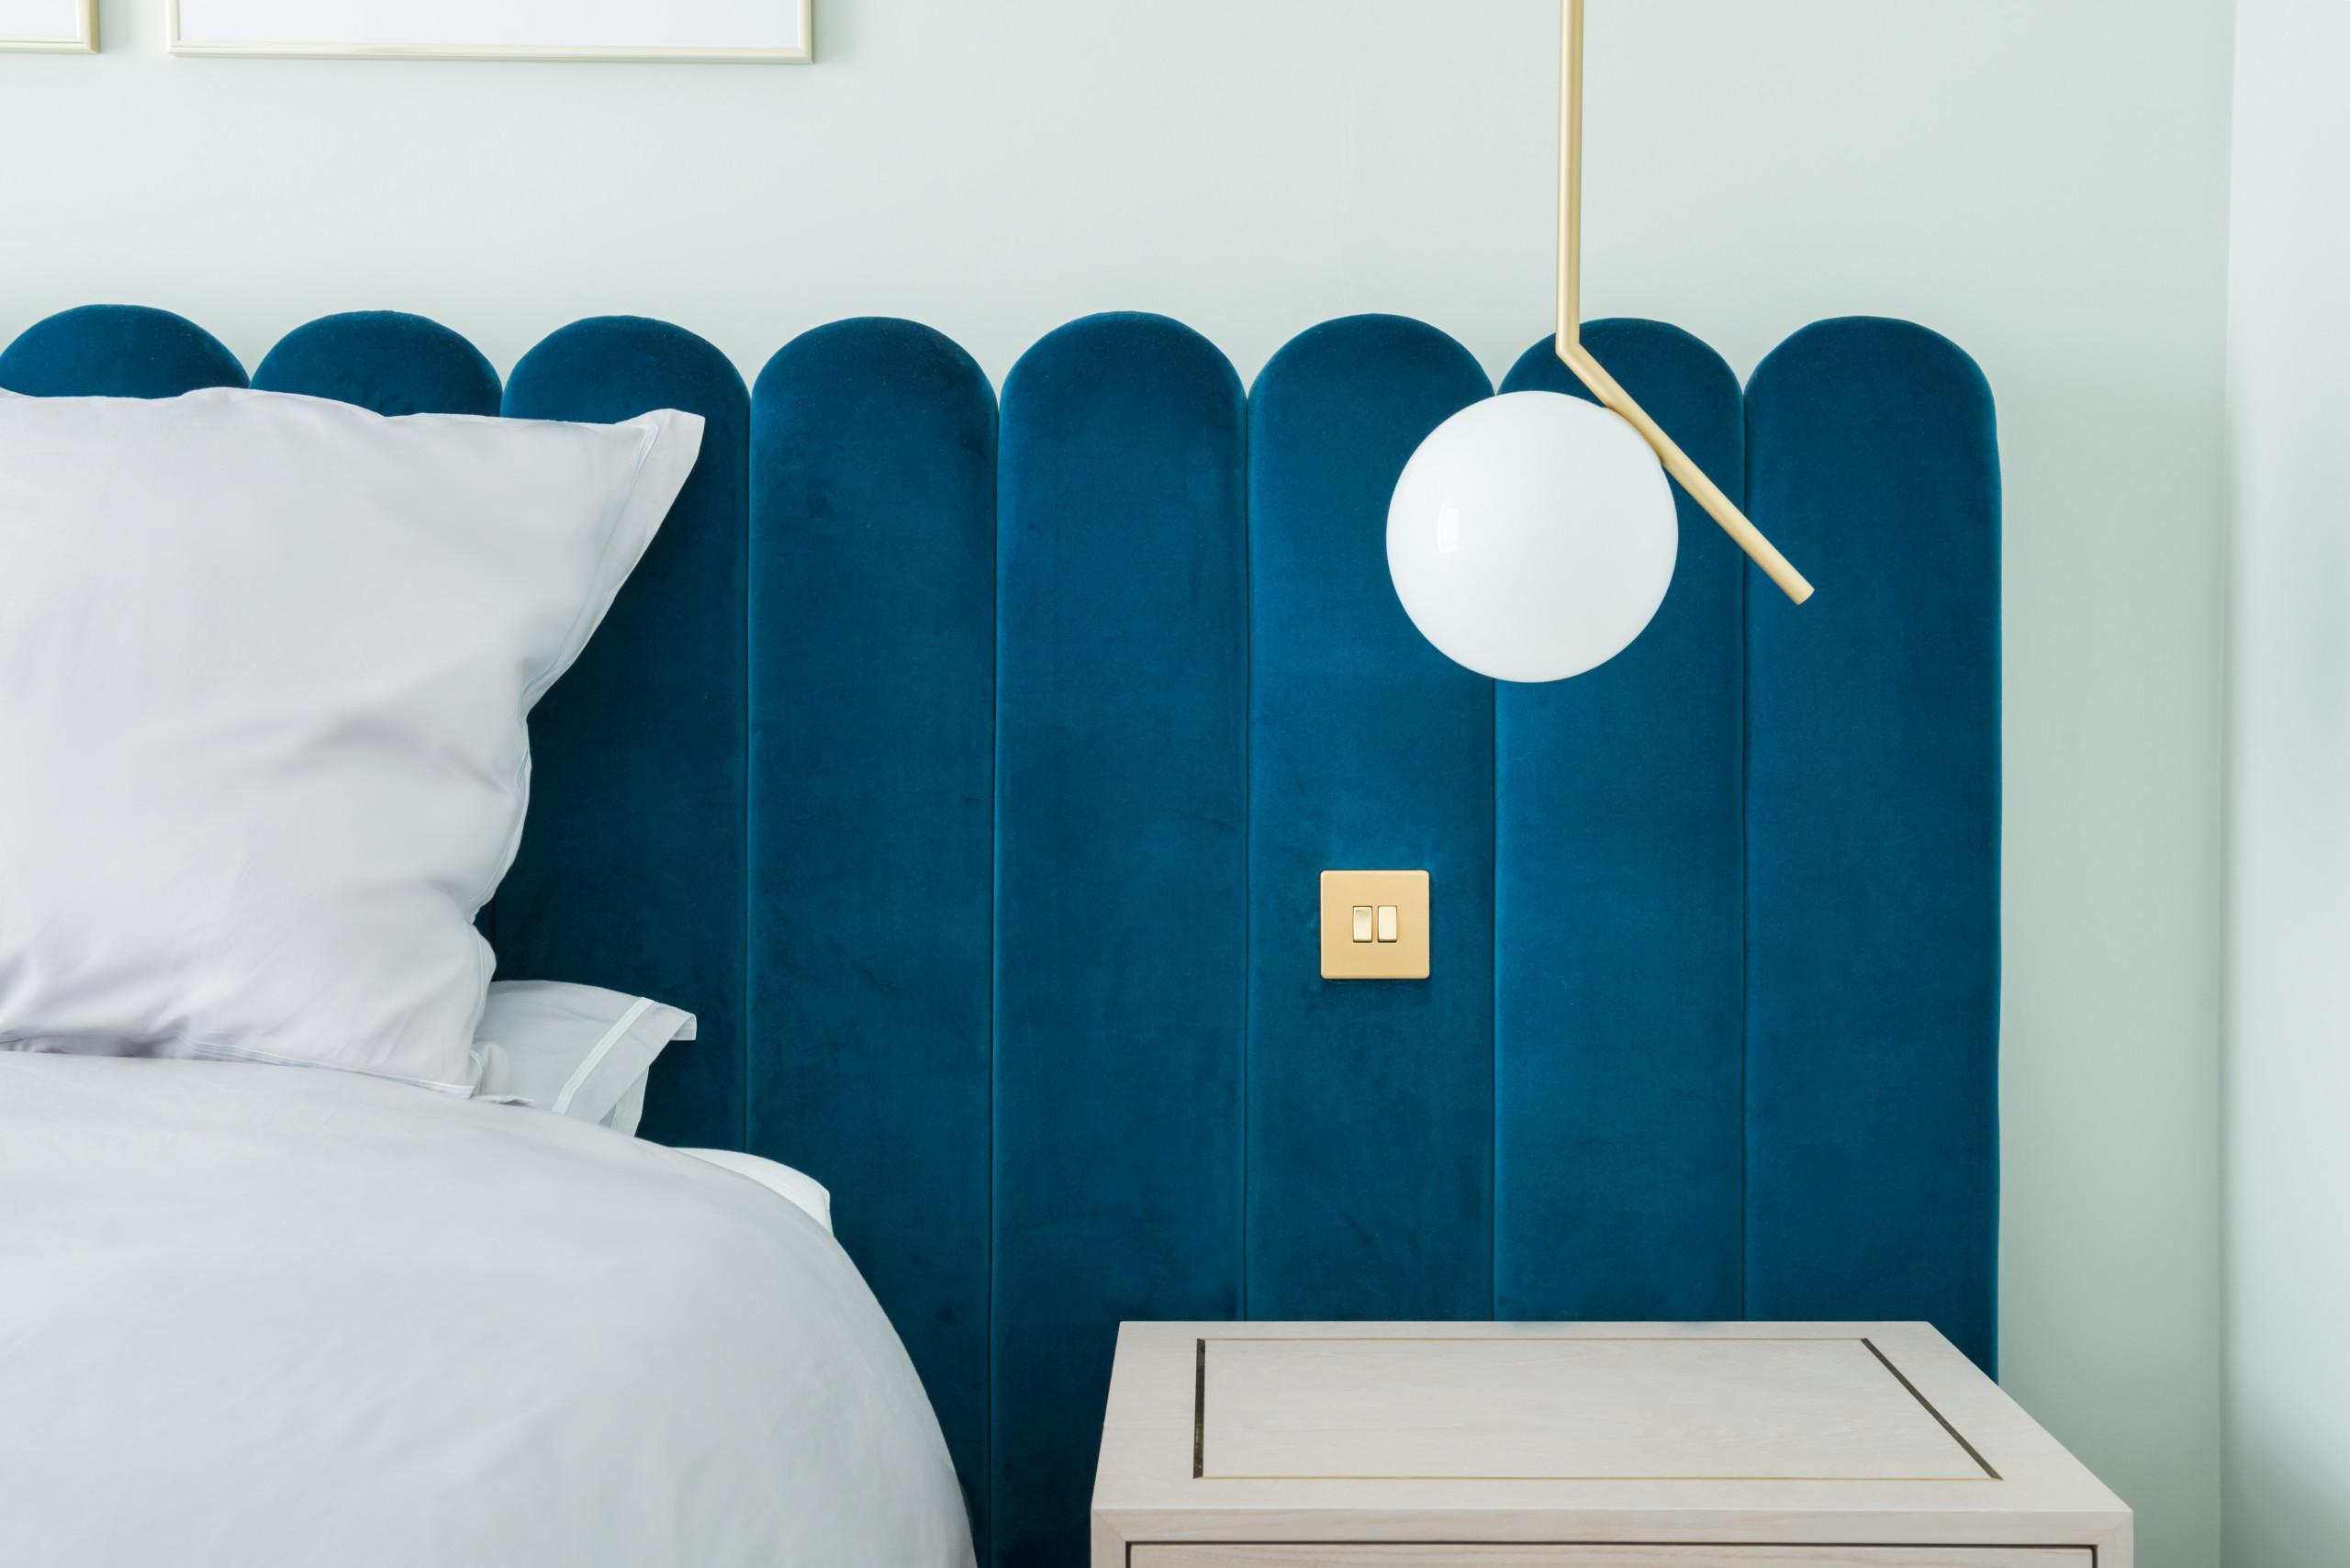 Blu velvet and brass details